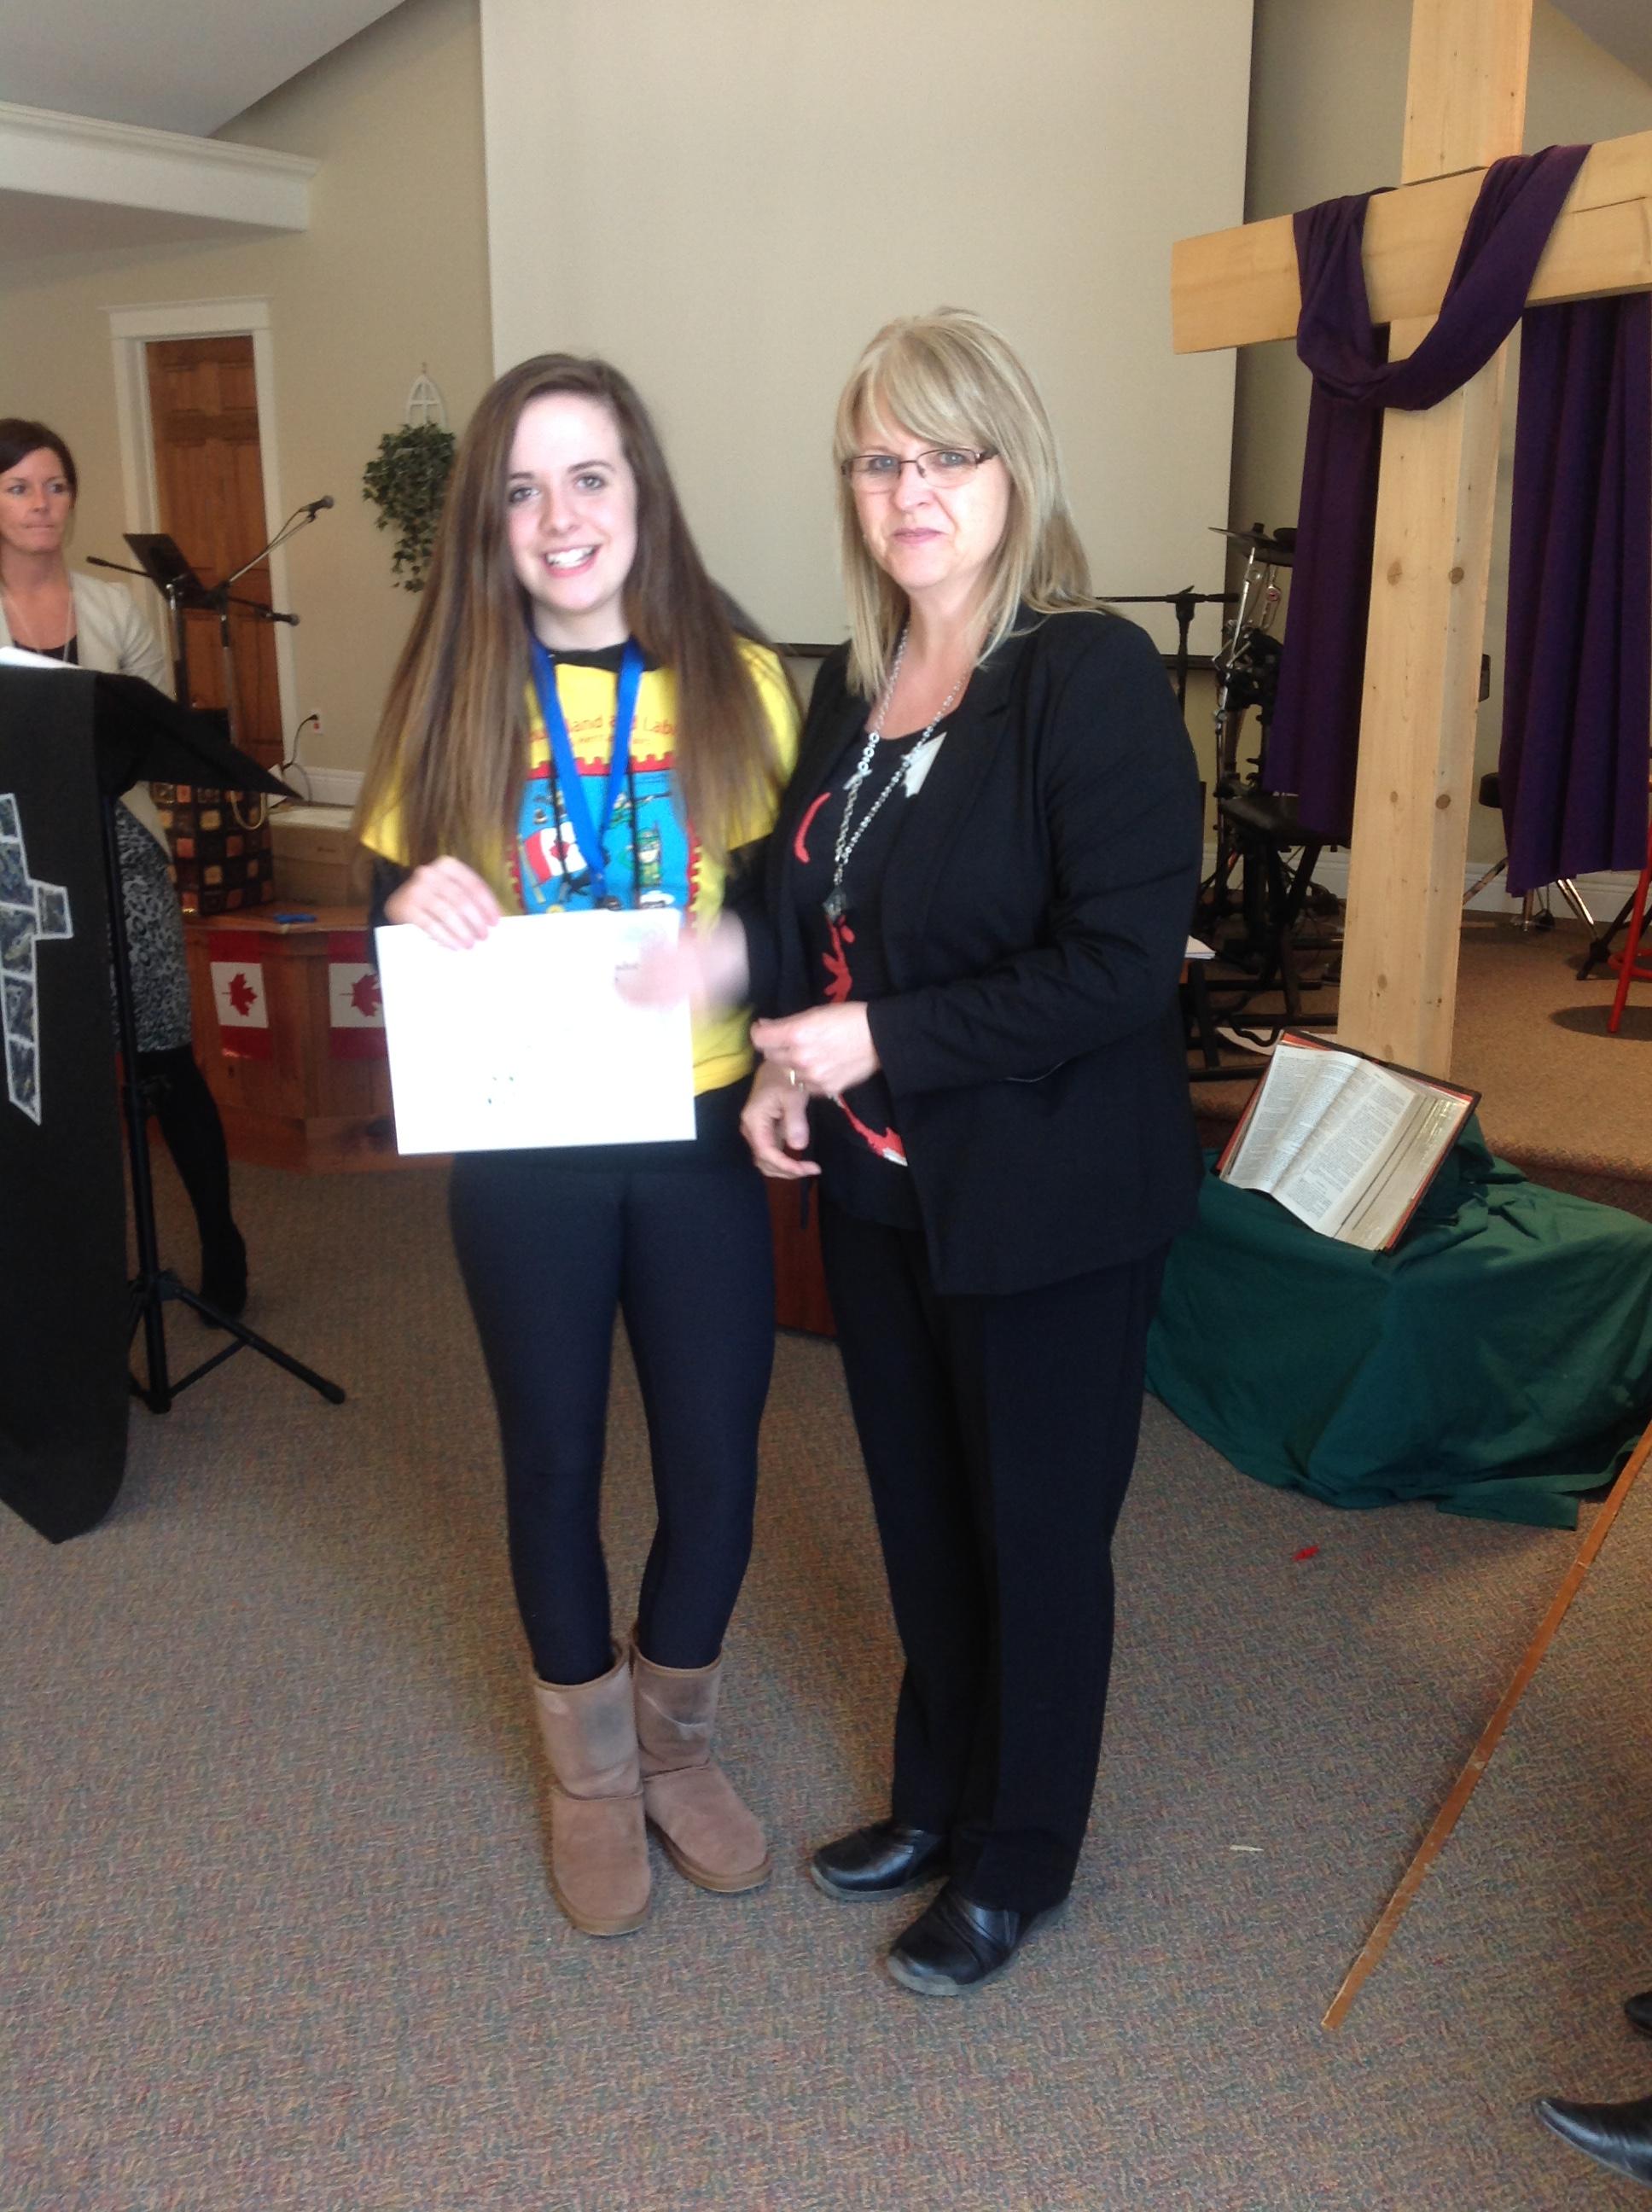 Healthcare Award - Julianna Mills